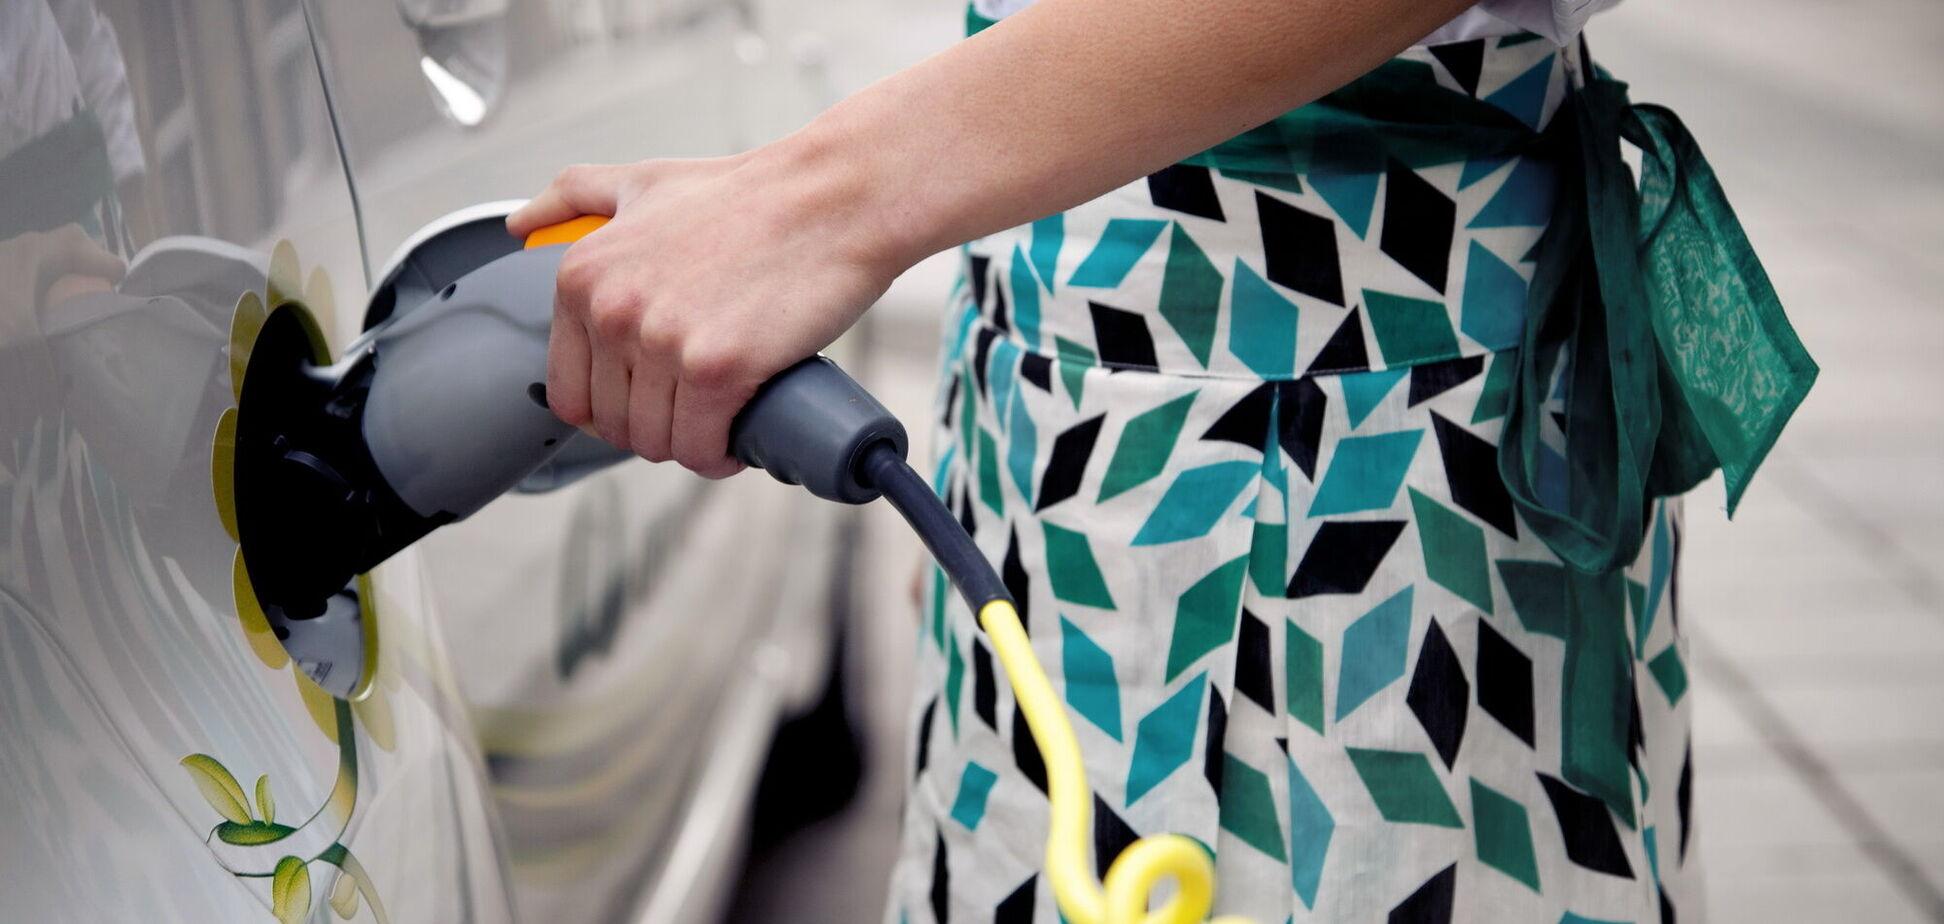 Кожен 5-й власник електрокара повертається до авто з ДВС: дослідження